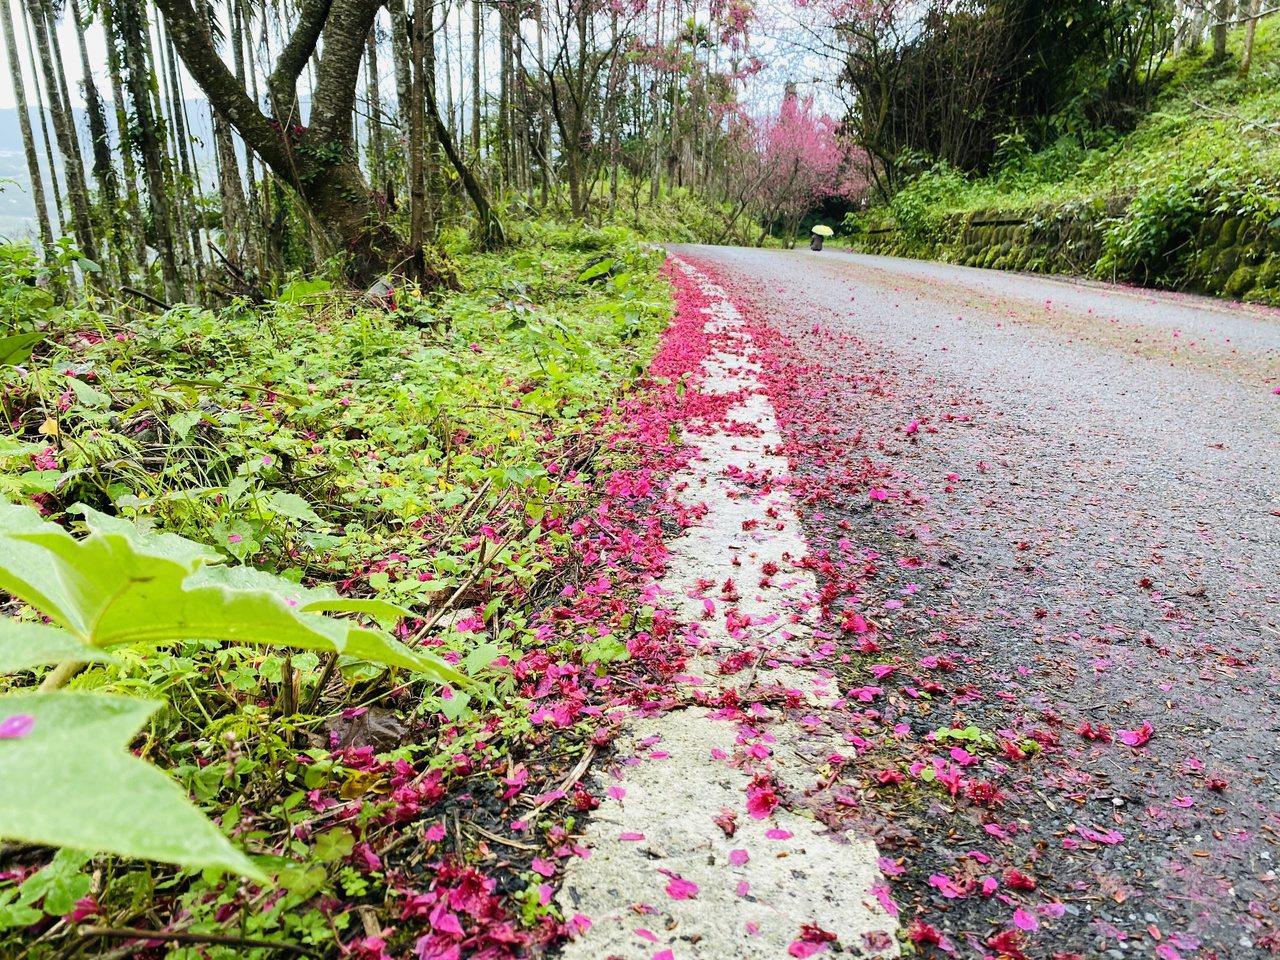 花蓮鳳林鎮櫻花步道不但兩旁種滿櫻花,掉落的粉紅花瓣散落在路邊,顯得詩情畫意。 圖...